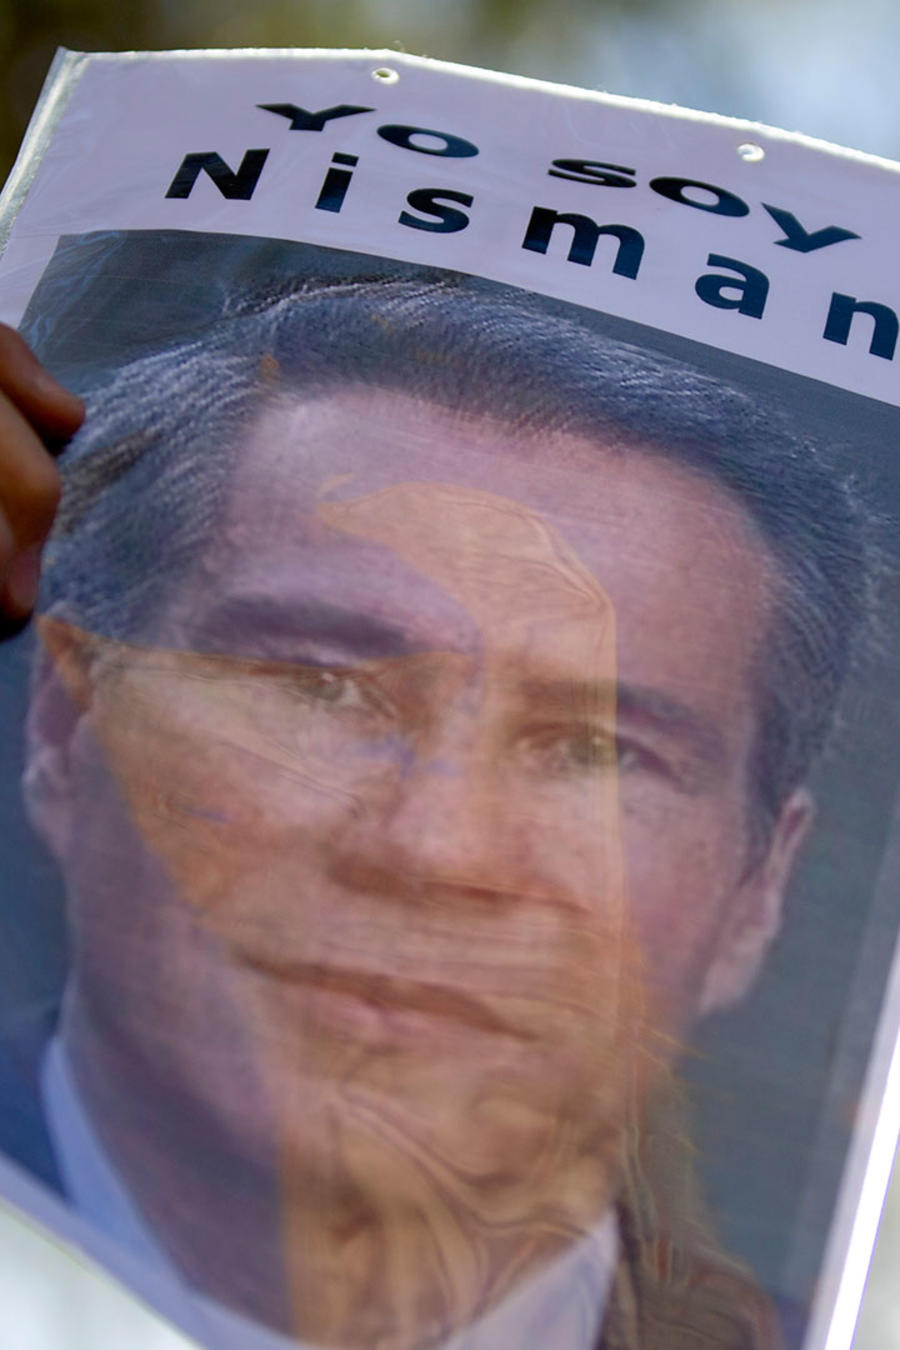 Manifestación reclama la verdad sobre la muerte de Alberto Nisman